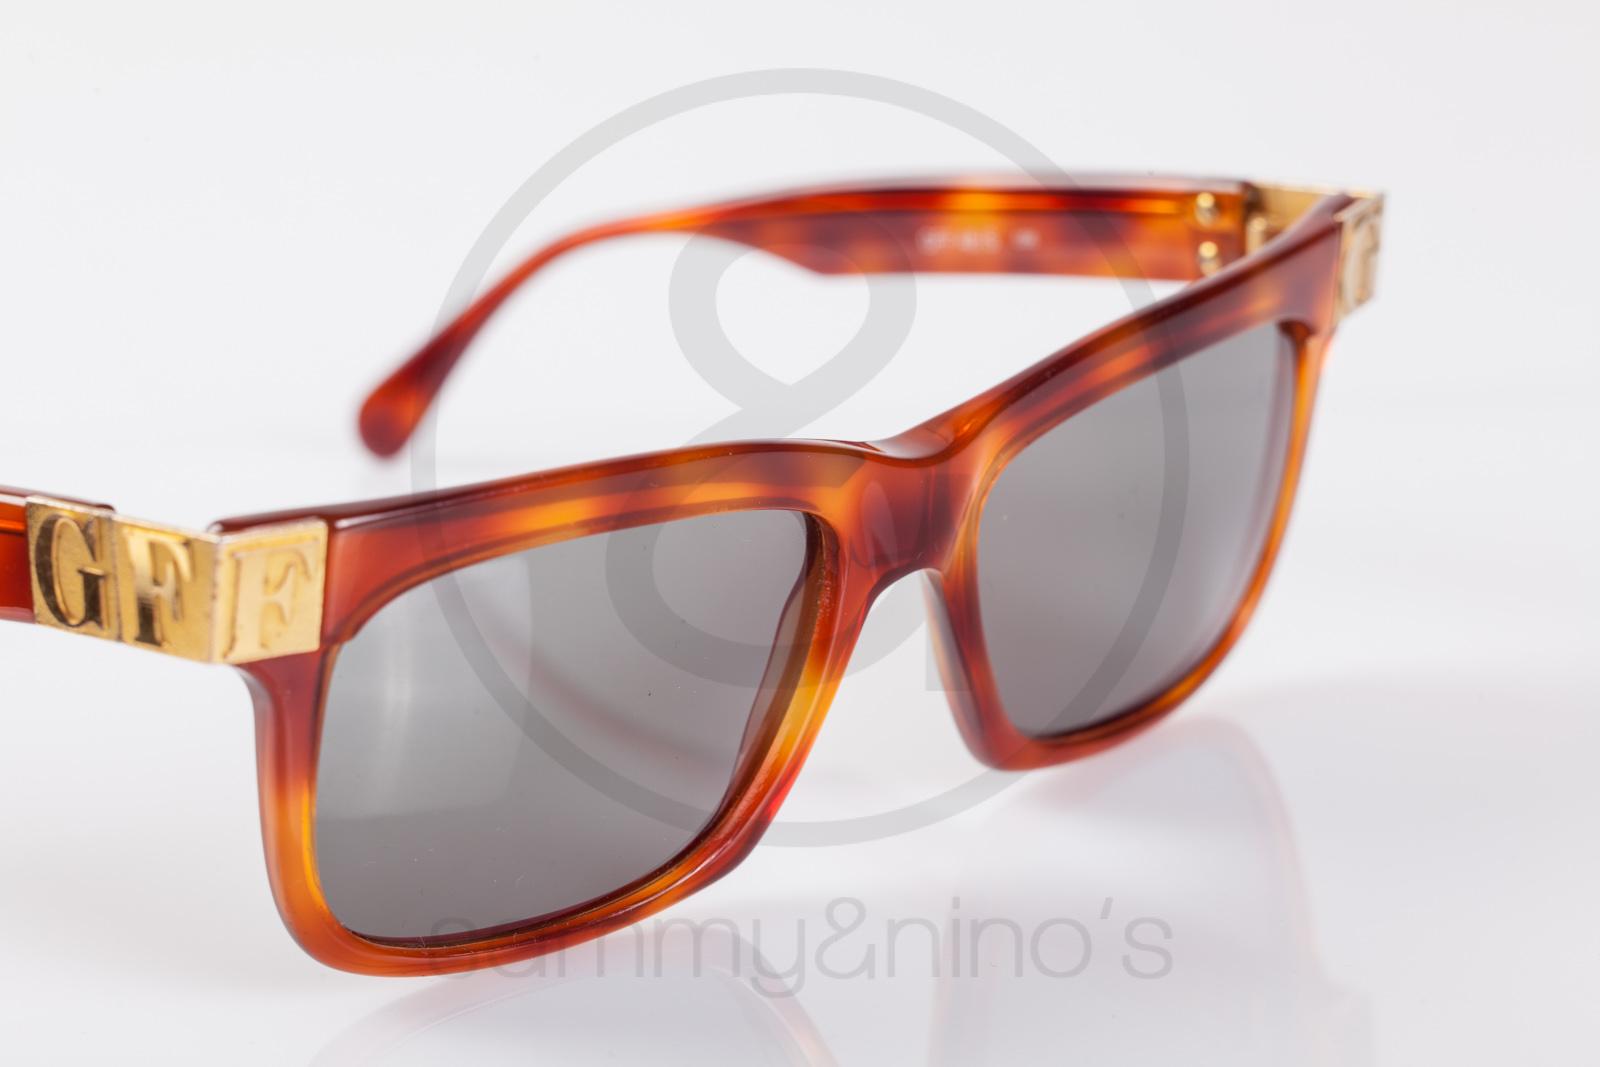 497b45f6a9c53 Gianfranco Ferré GFF 48 S 056 – Sammy   Nino s Store